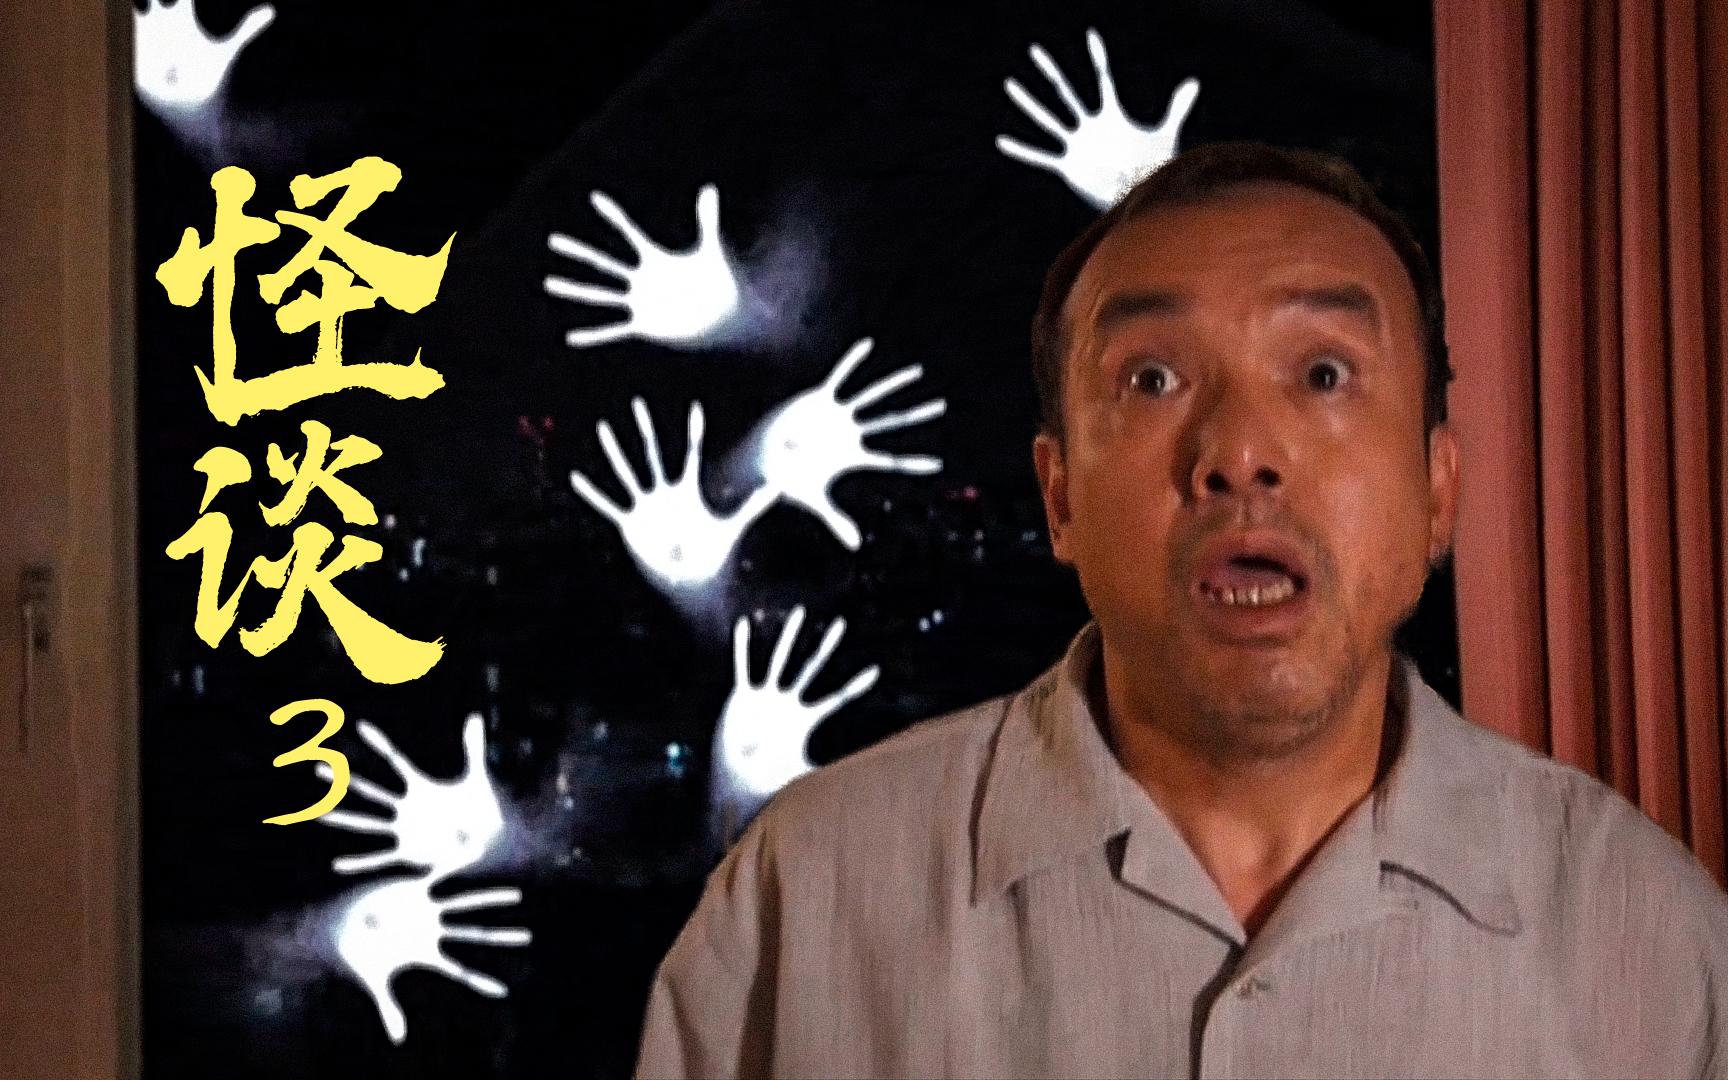 硬核鬼故事《怪谈新耳袋3》,直击灵魂的恐惧,才是真正的恐怖片